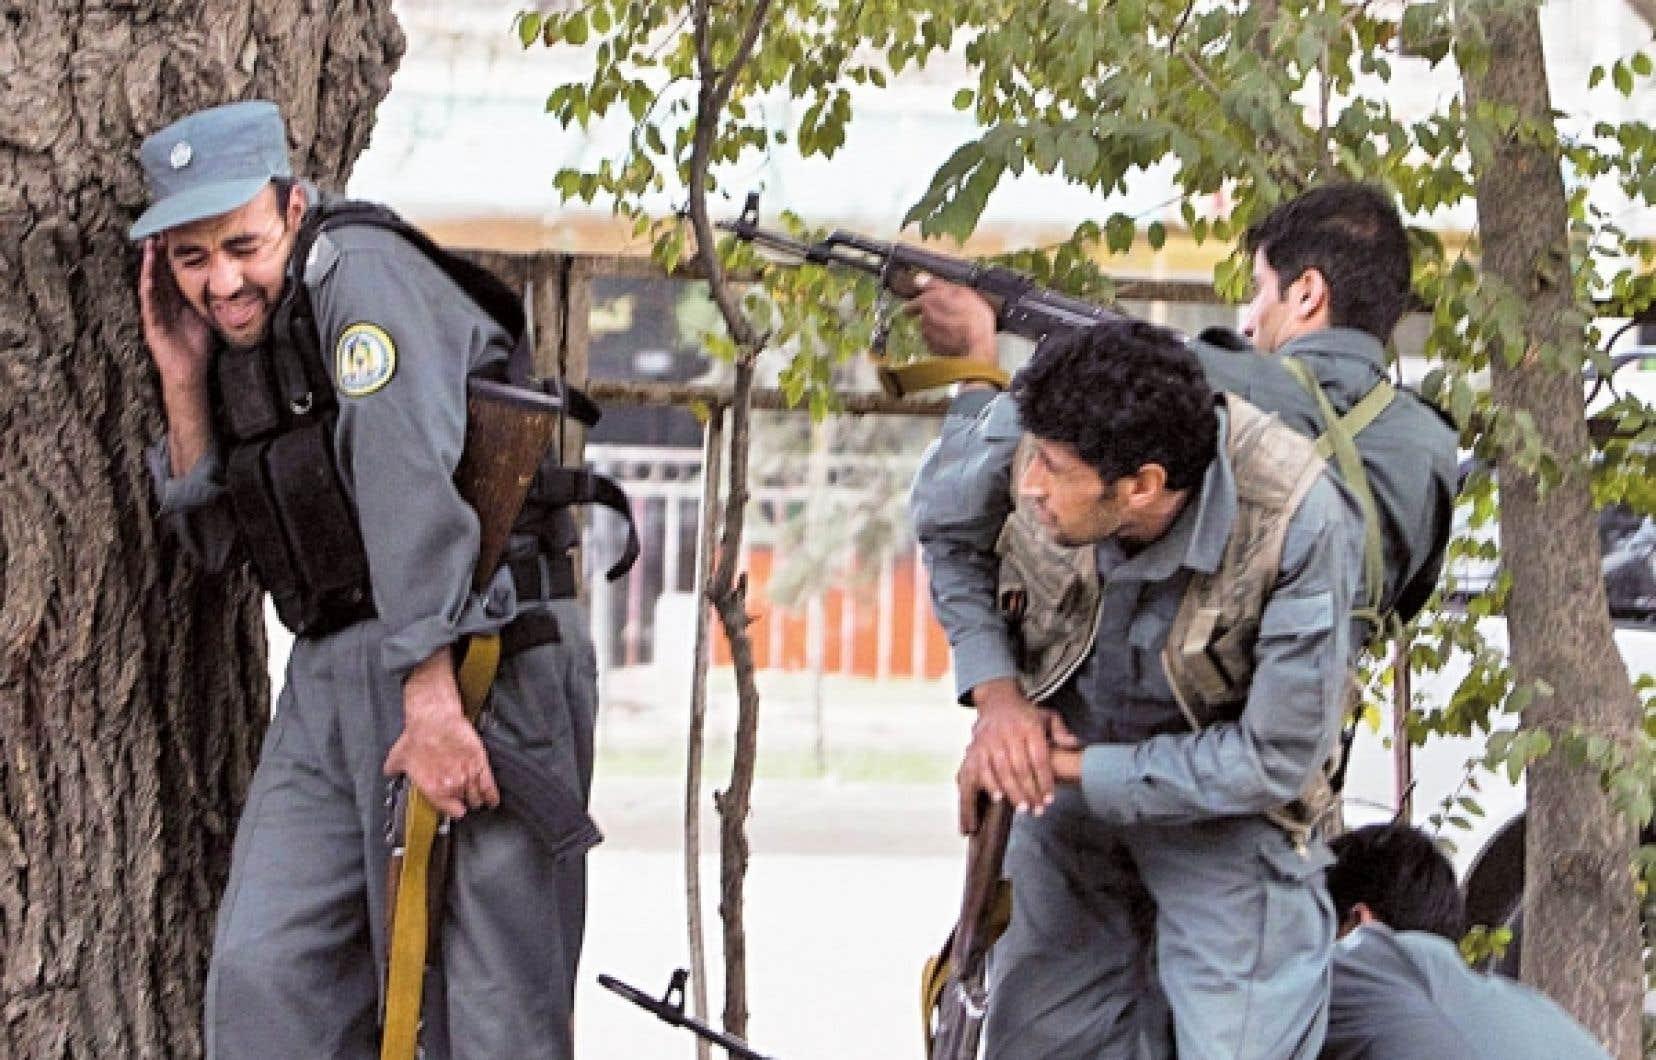 Des policiers afghans ripostent aux tirs nourris des insurg&eacute;s dans le quartier fortifi&eacute; des ambassades, au centre de la capitale afghane.<br />